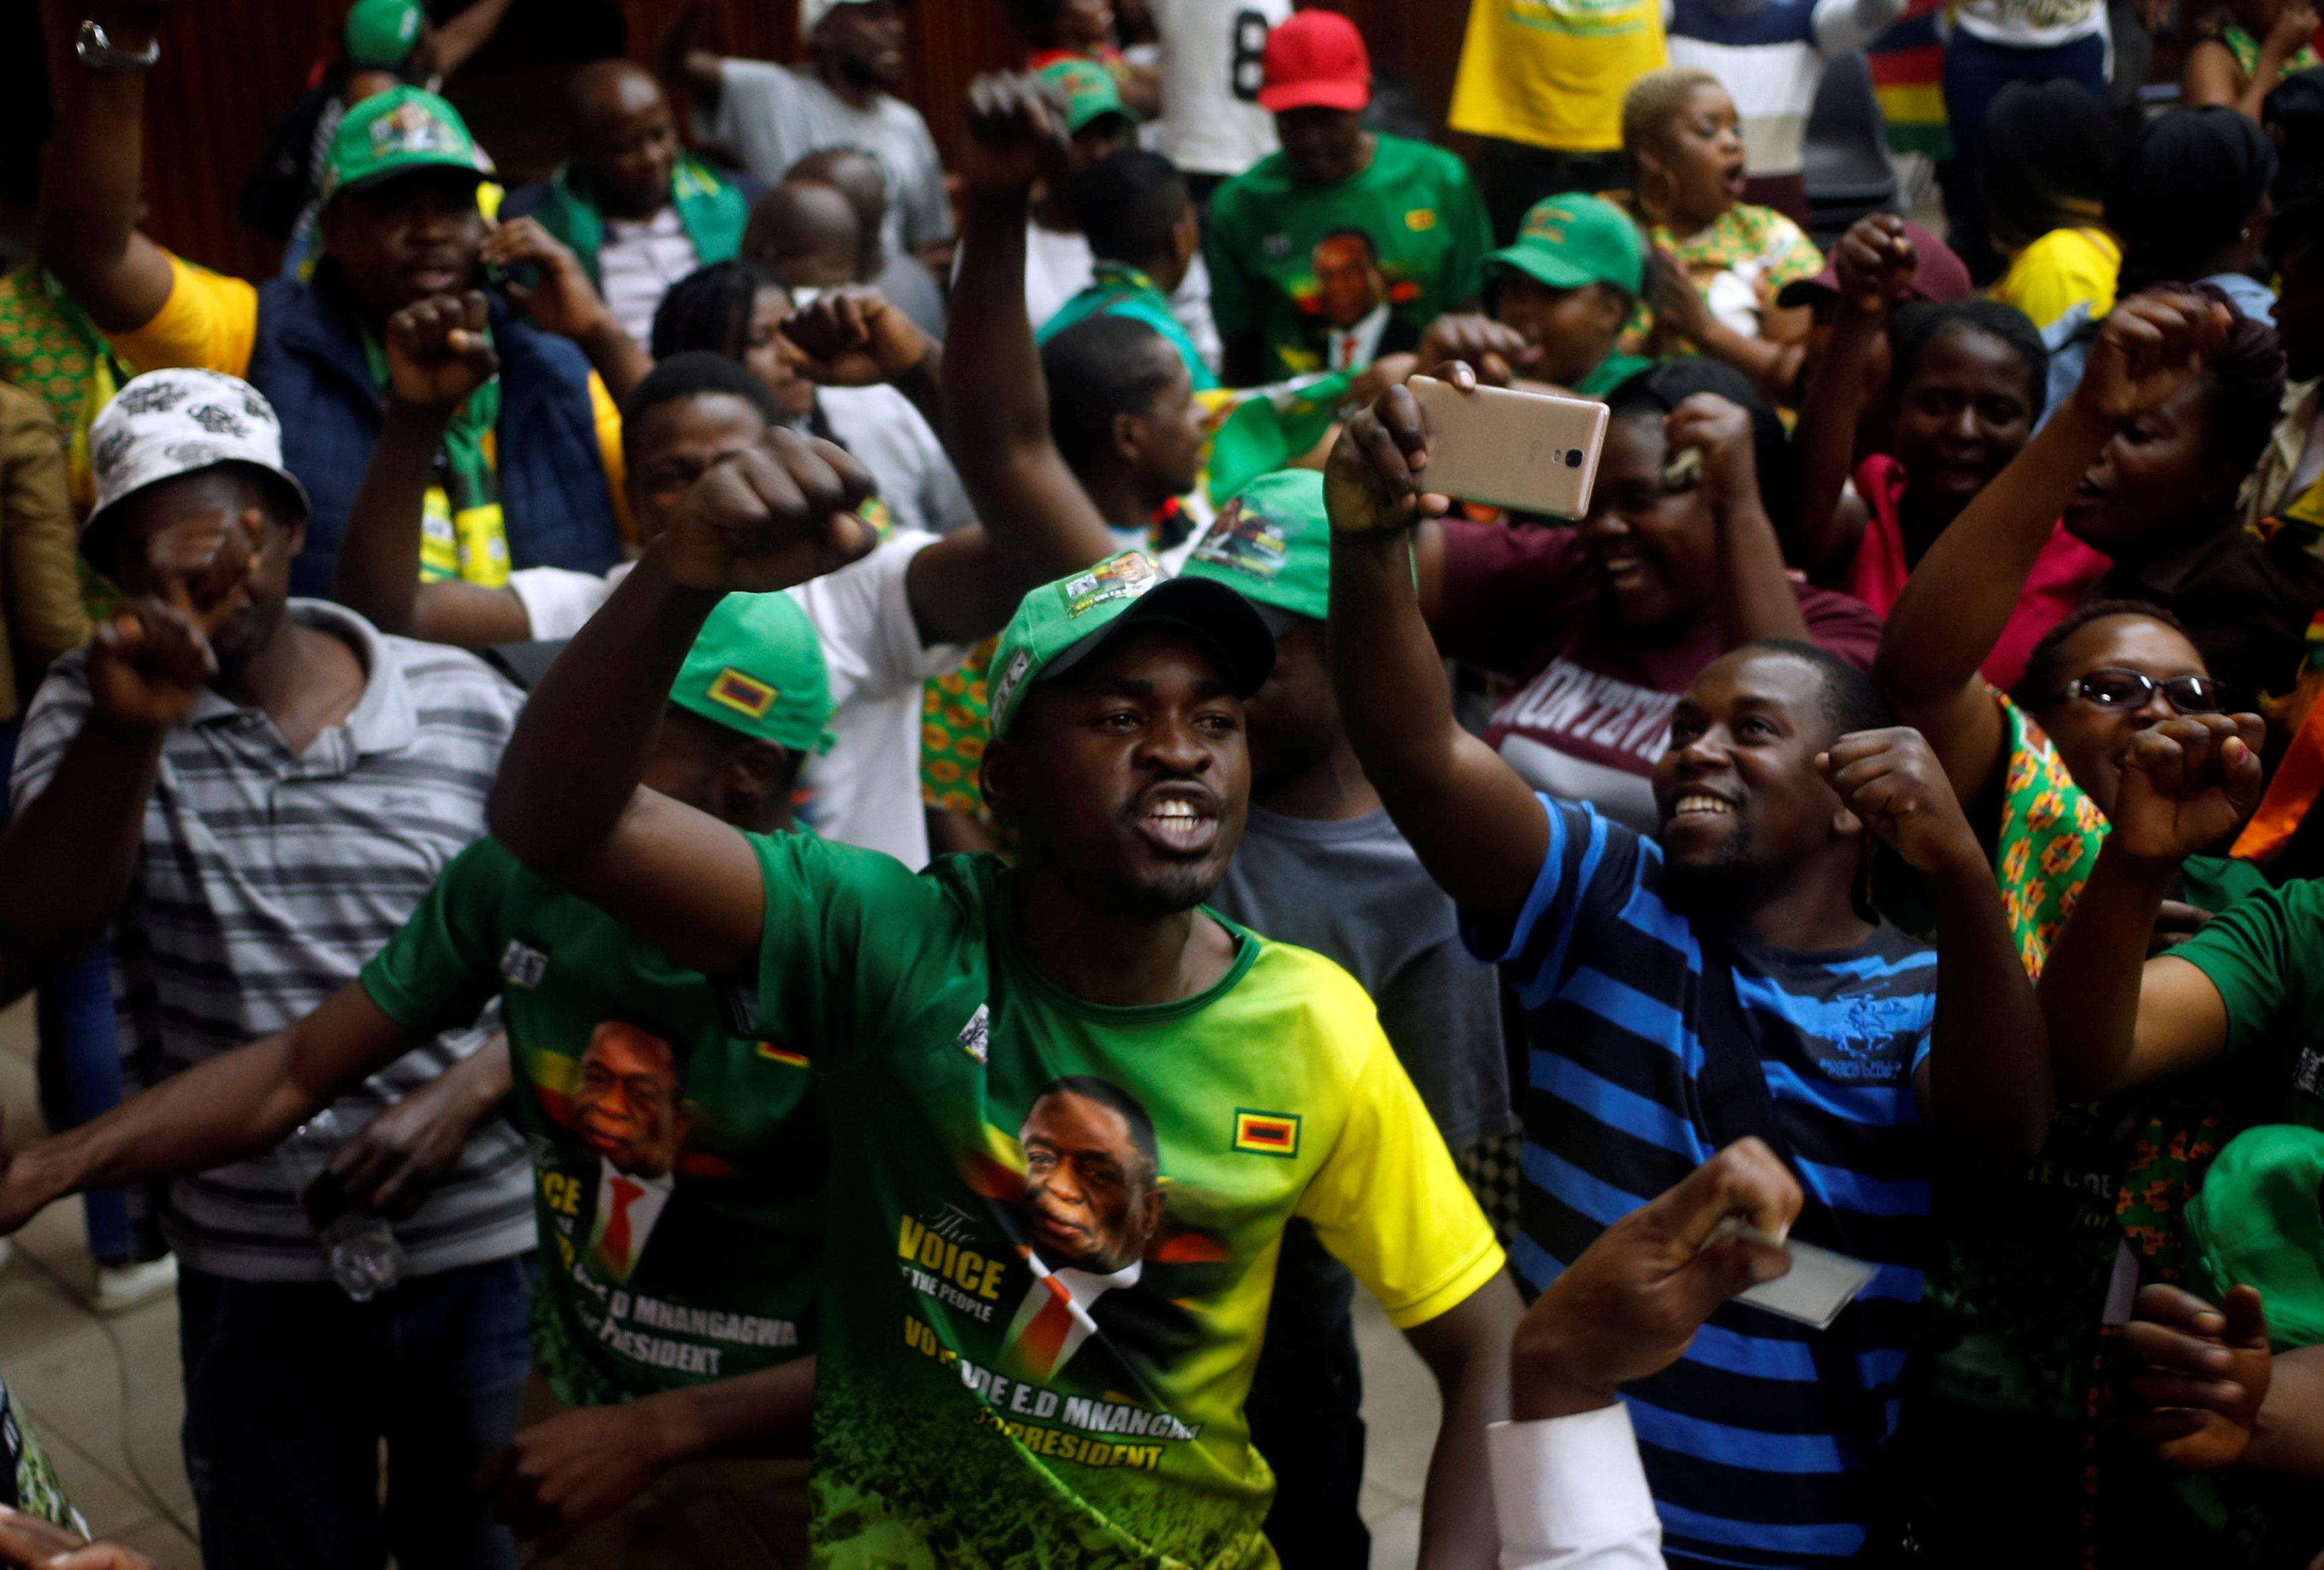 جانب من أنصار الرئيس الزيمبابوى